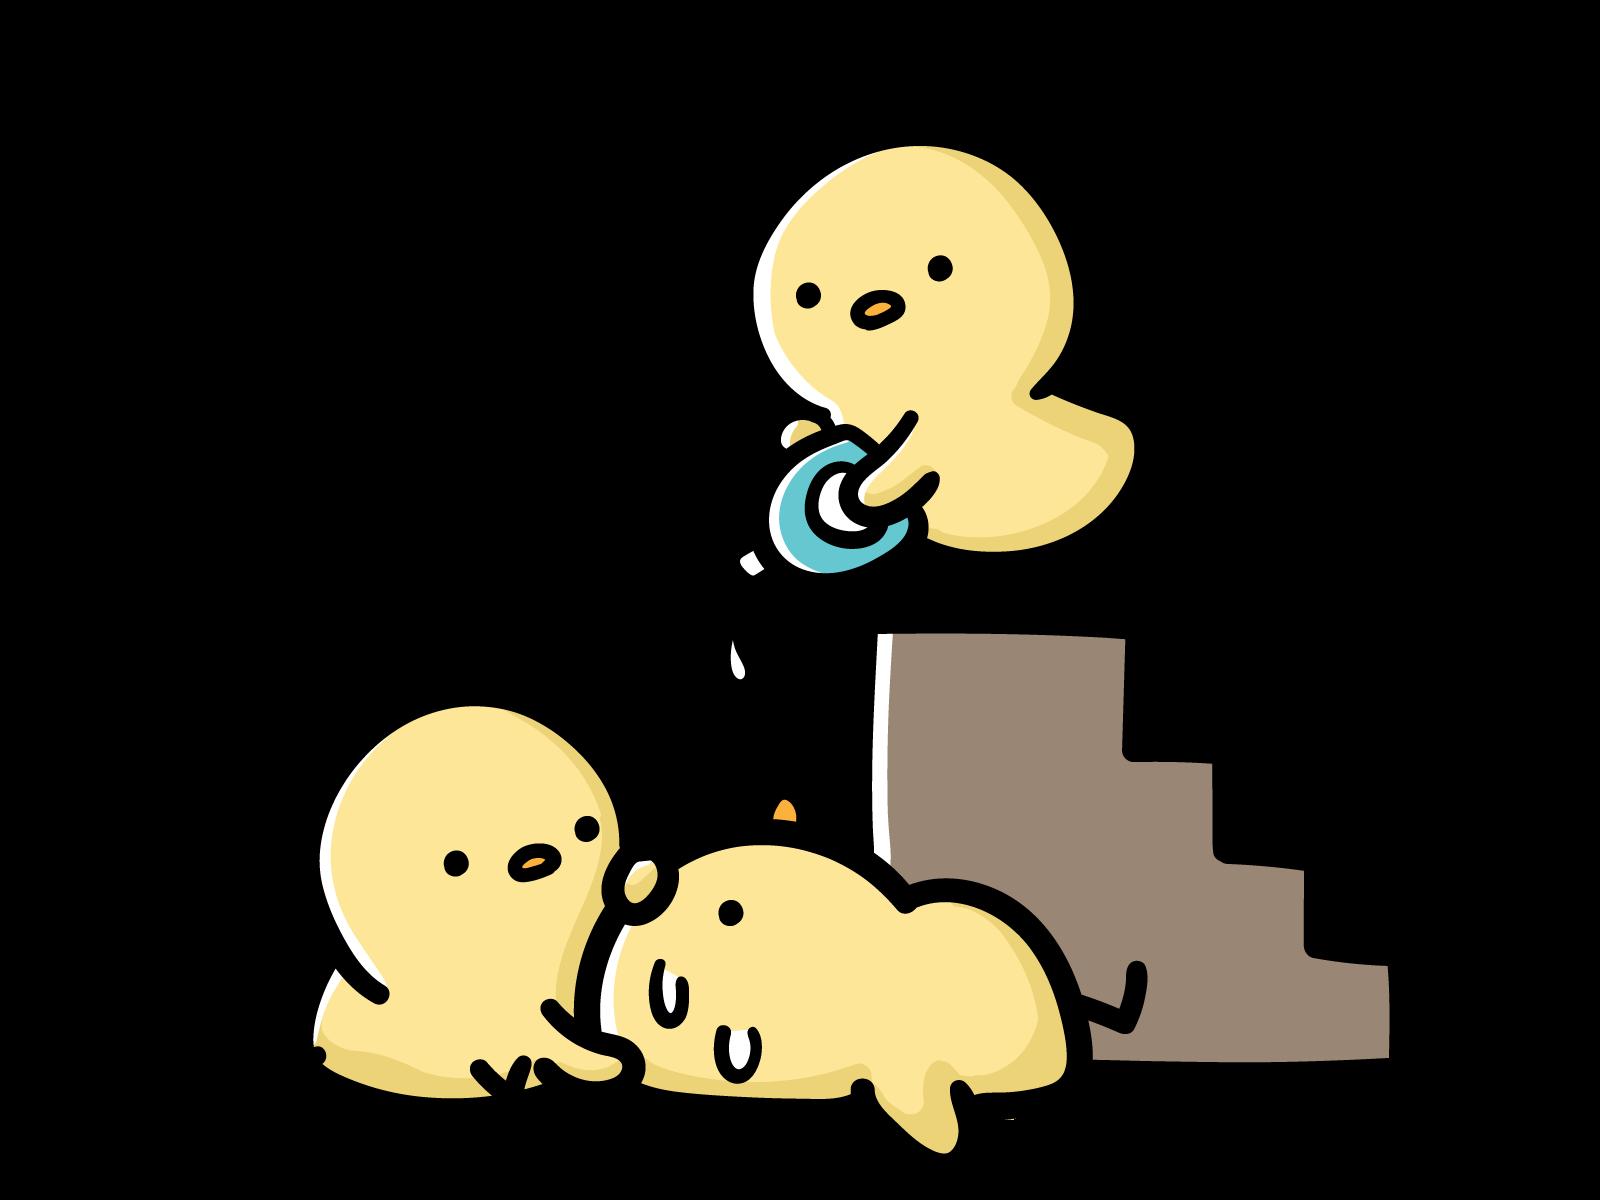 【故事・ことわざ】二階から目薬(にかいからめぐすり)